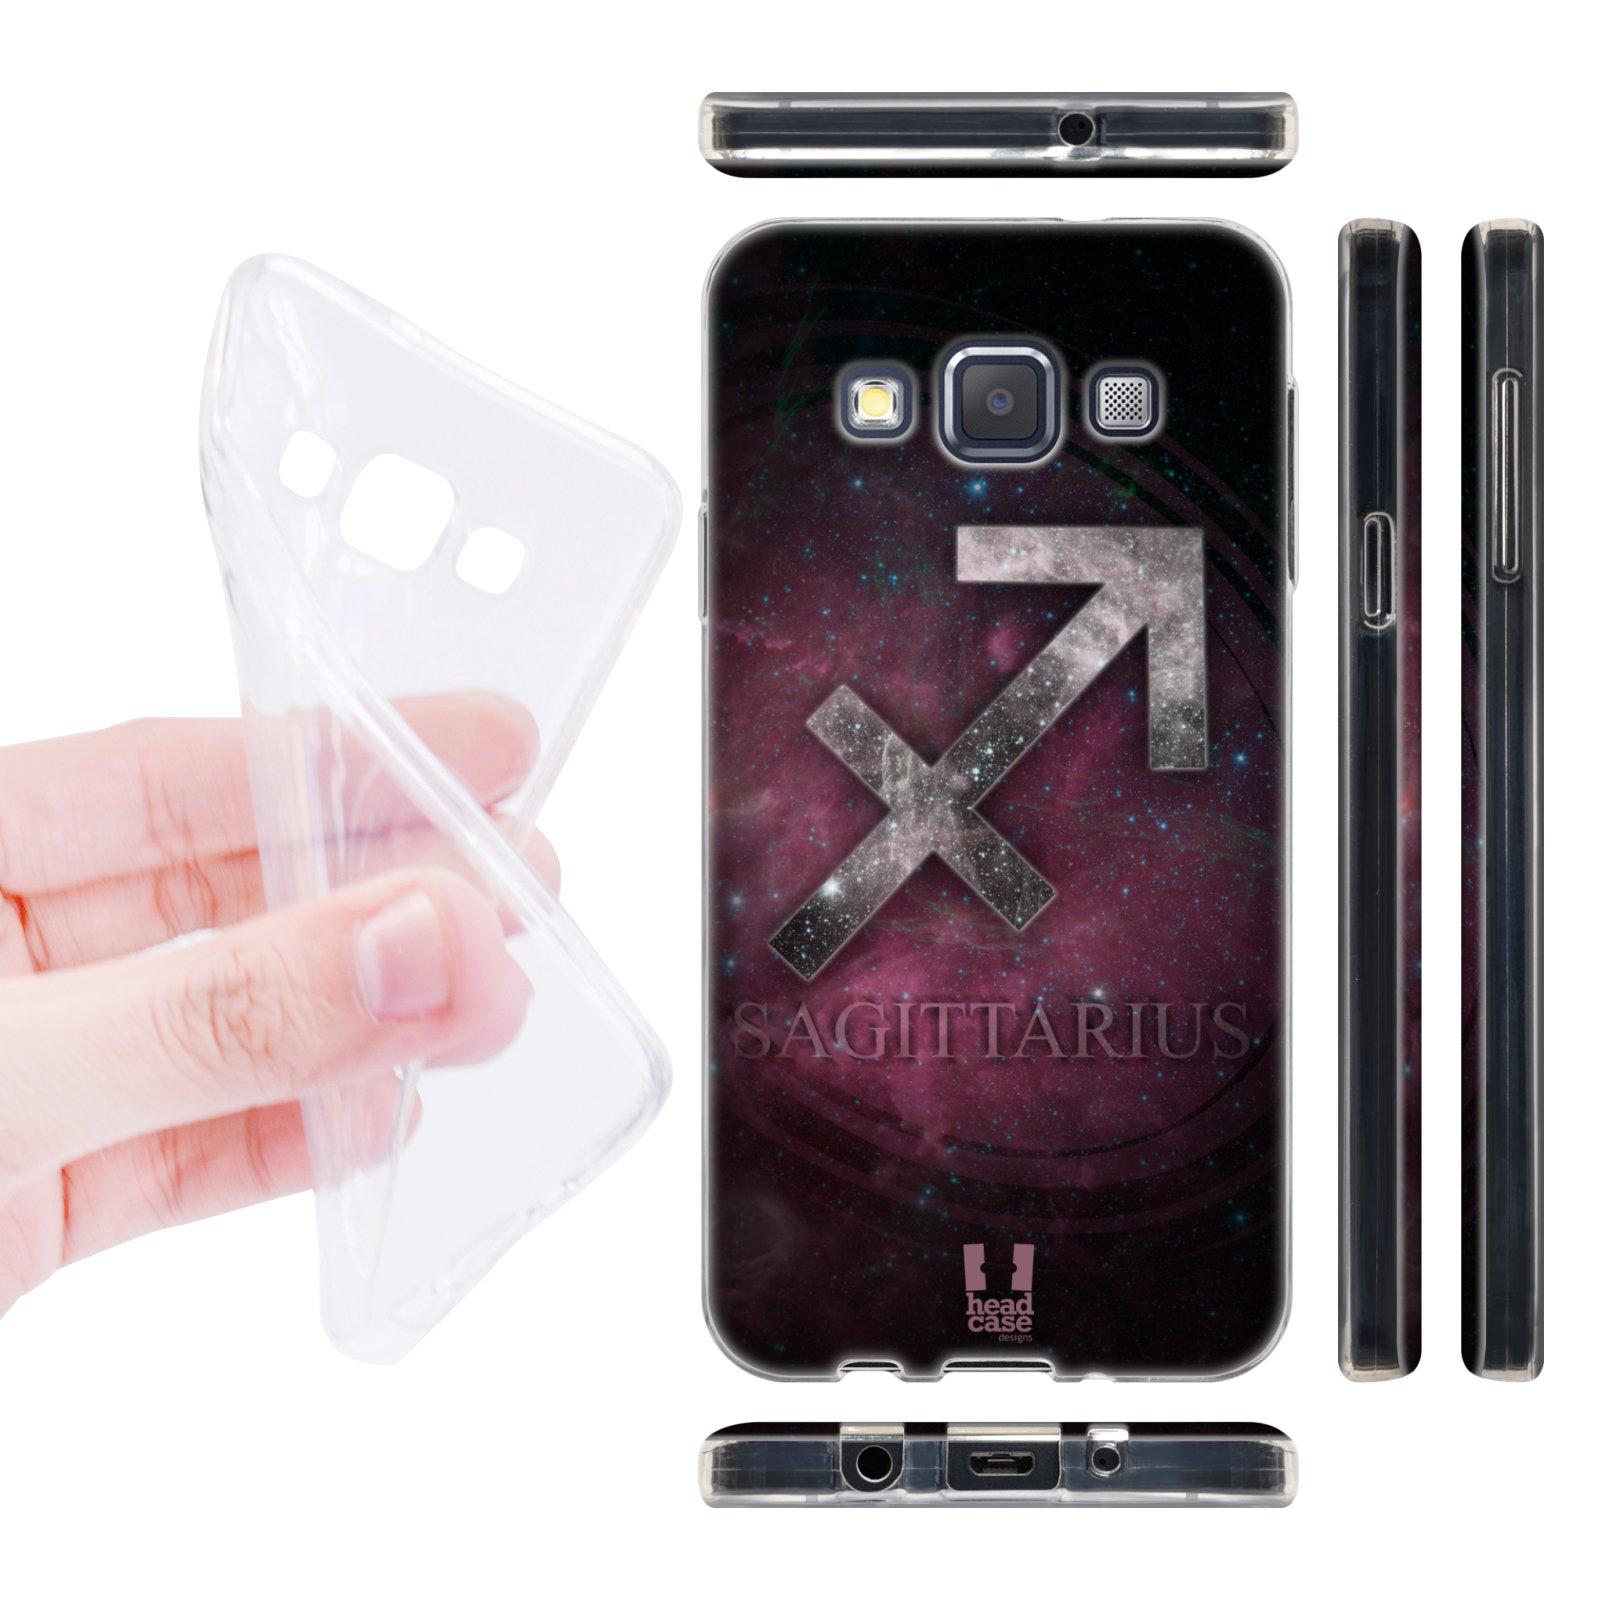 Head Case silikonové pouzdro na mobil Samsung galaxy A3 znamení horoskop Střelec